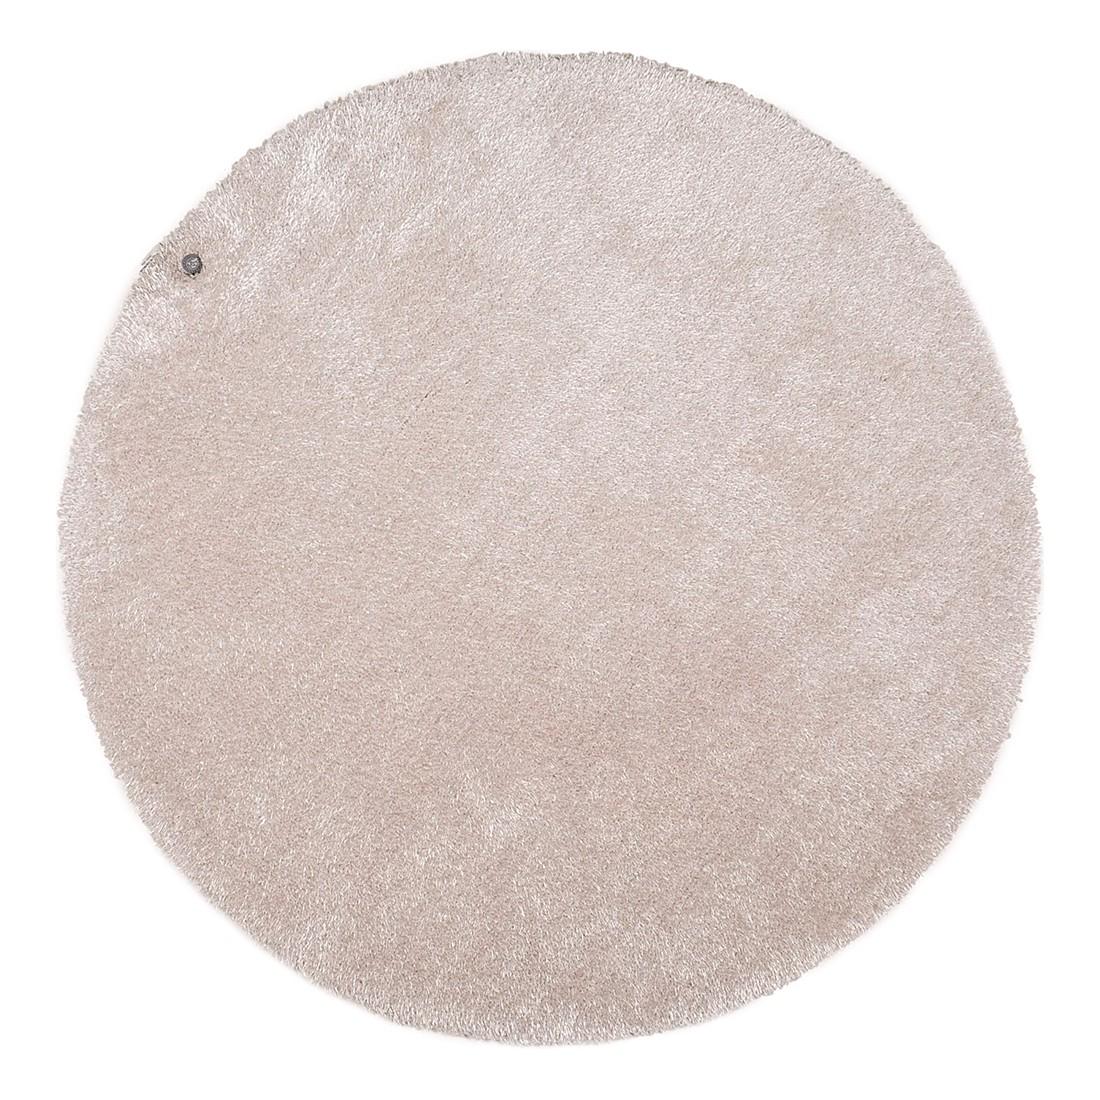 Teppich Soft Round – Beige – Maße: 140 x 140 cm, Tom Tailor jetzt kaufen